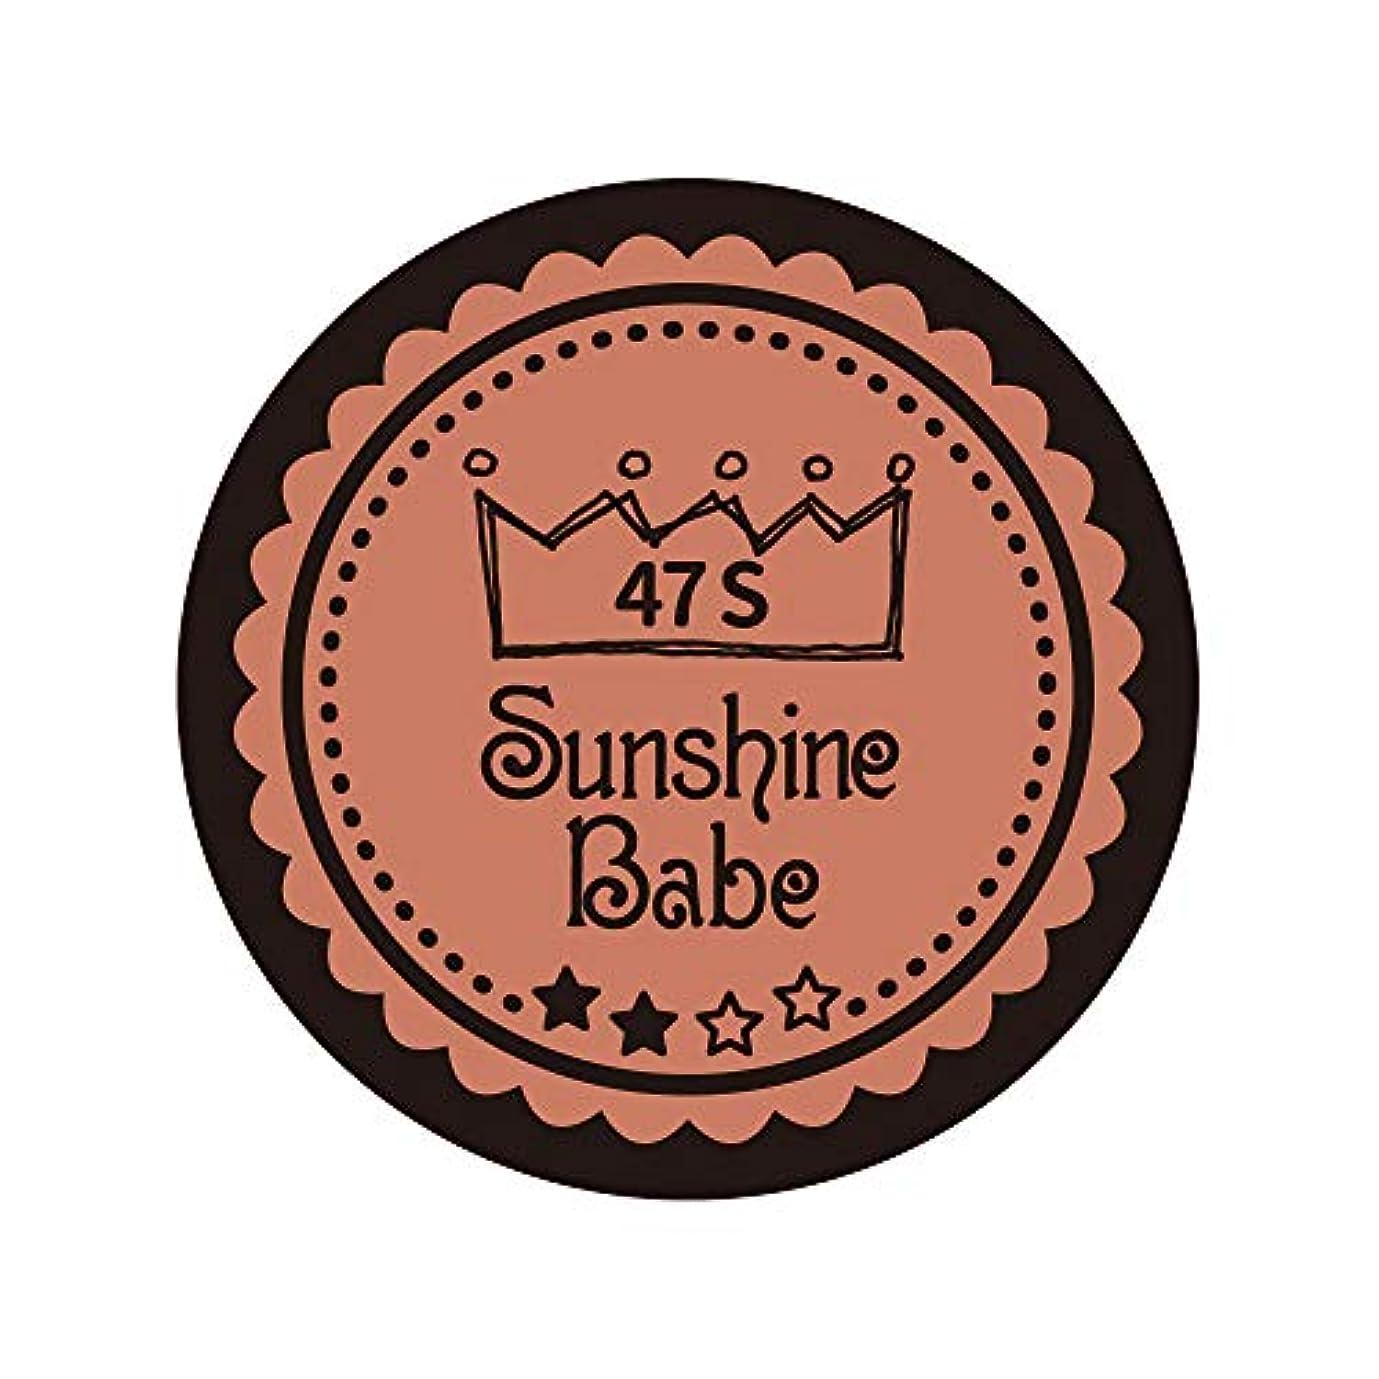 売るエコー神学校Sunshine Babe カラージェル 47S ピーチブラウン 4g UV/LED対応